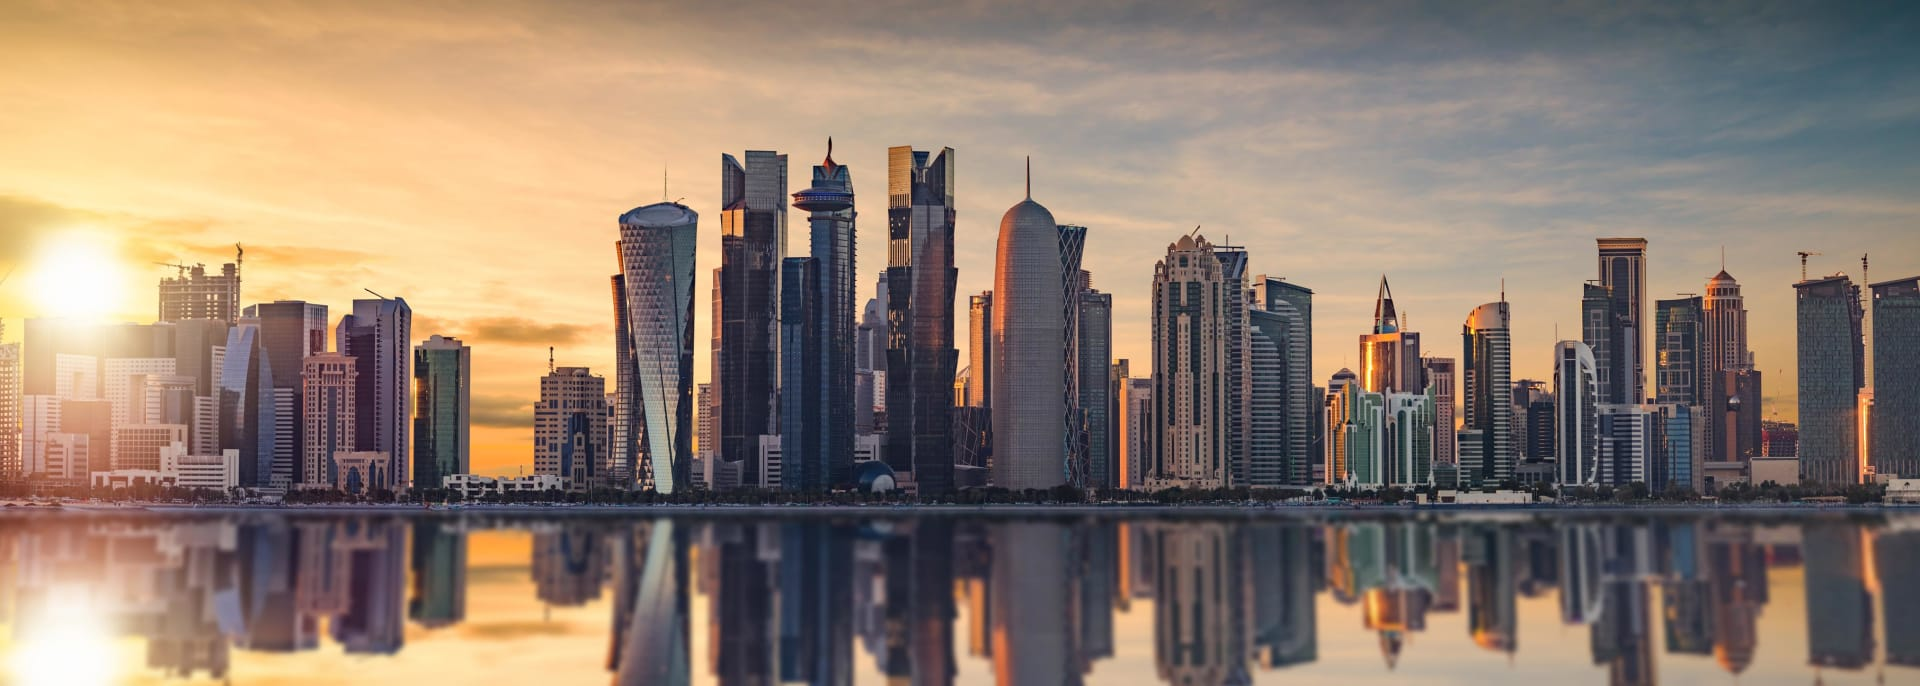 Skyline von Doha, Katar